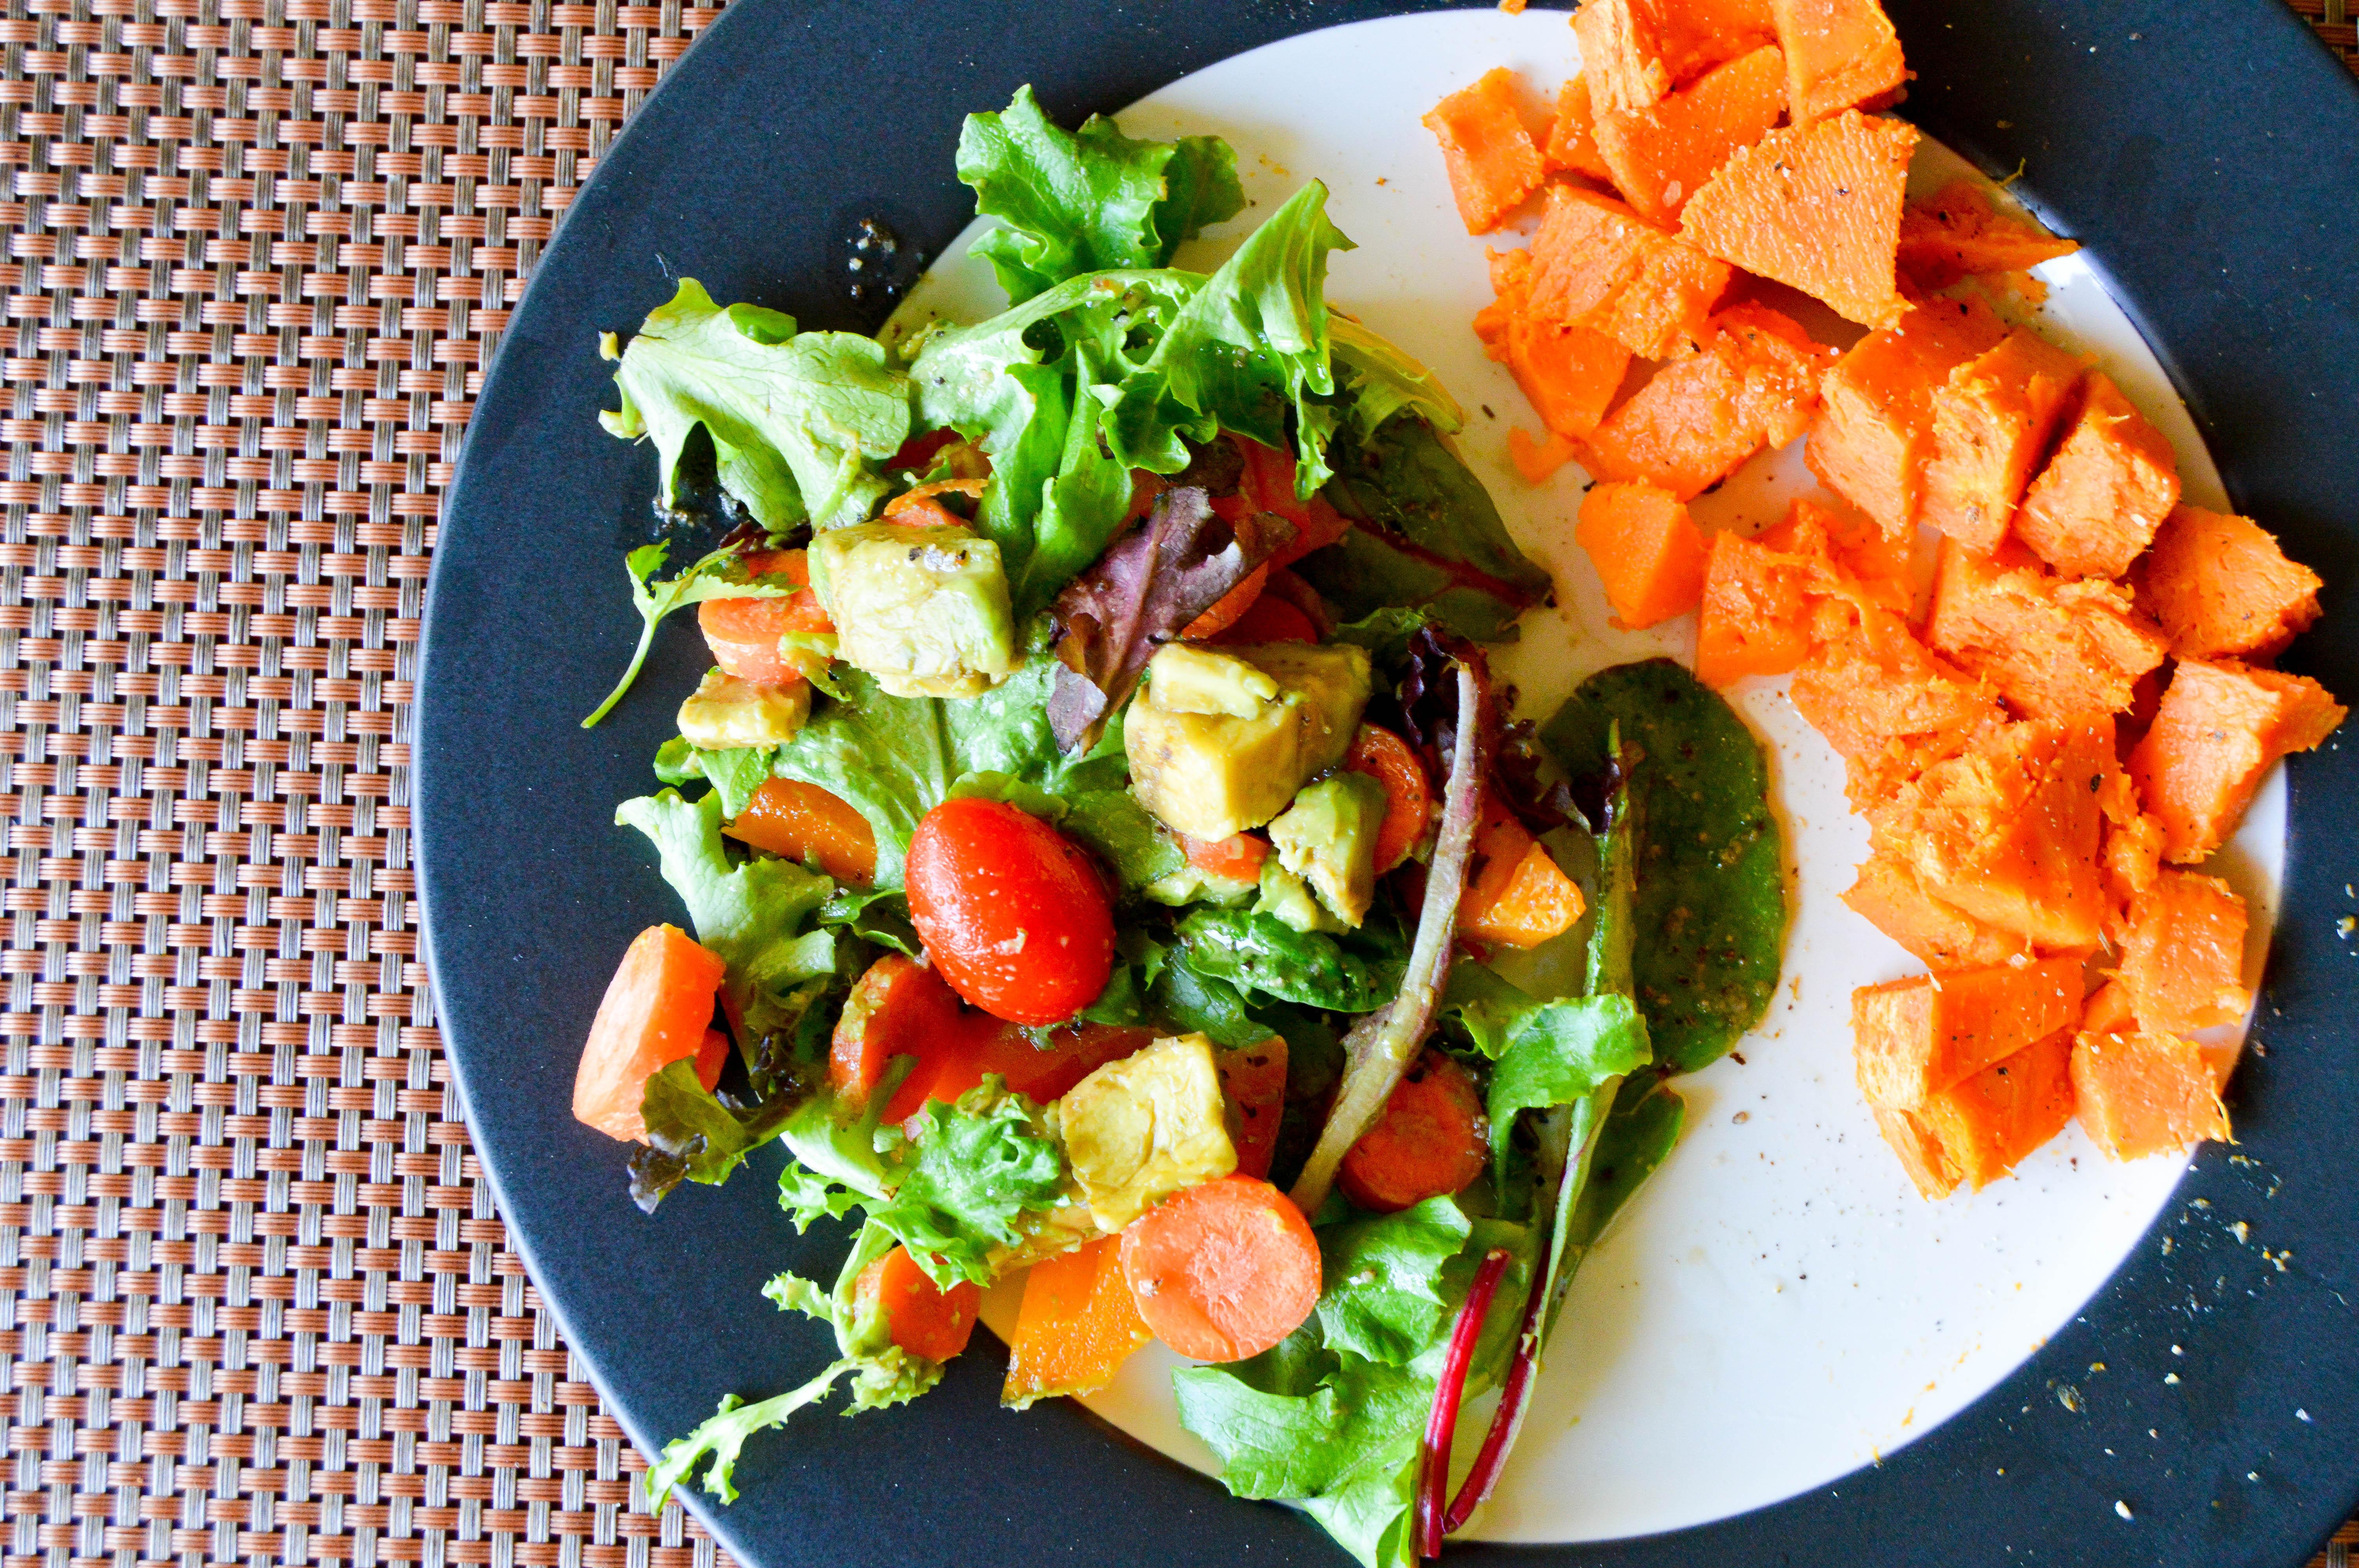 sweet potato recipe, healthy lunch ideas